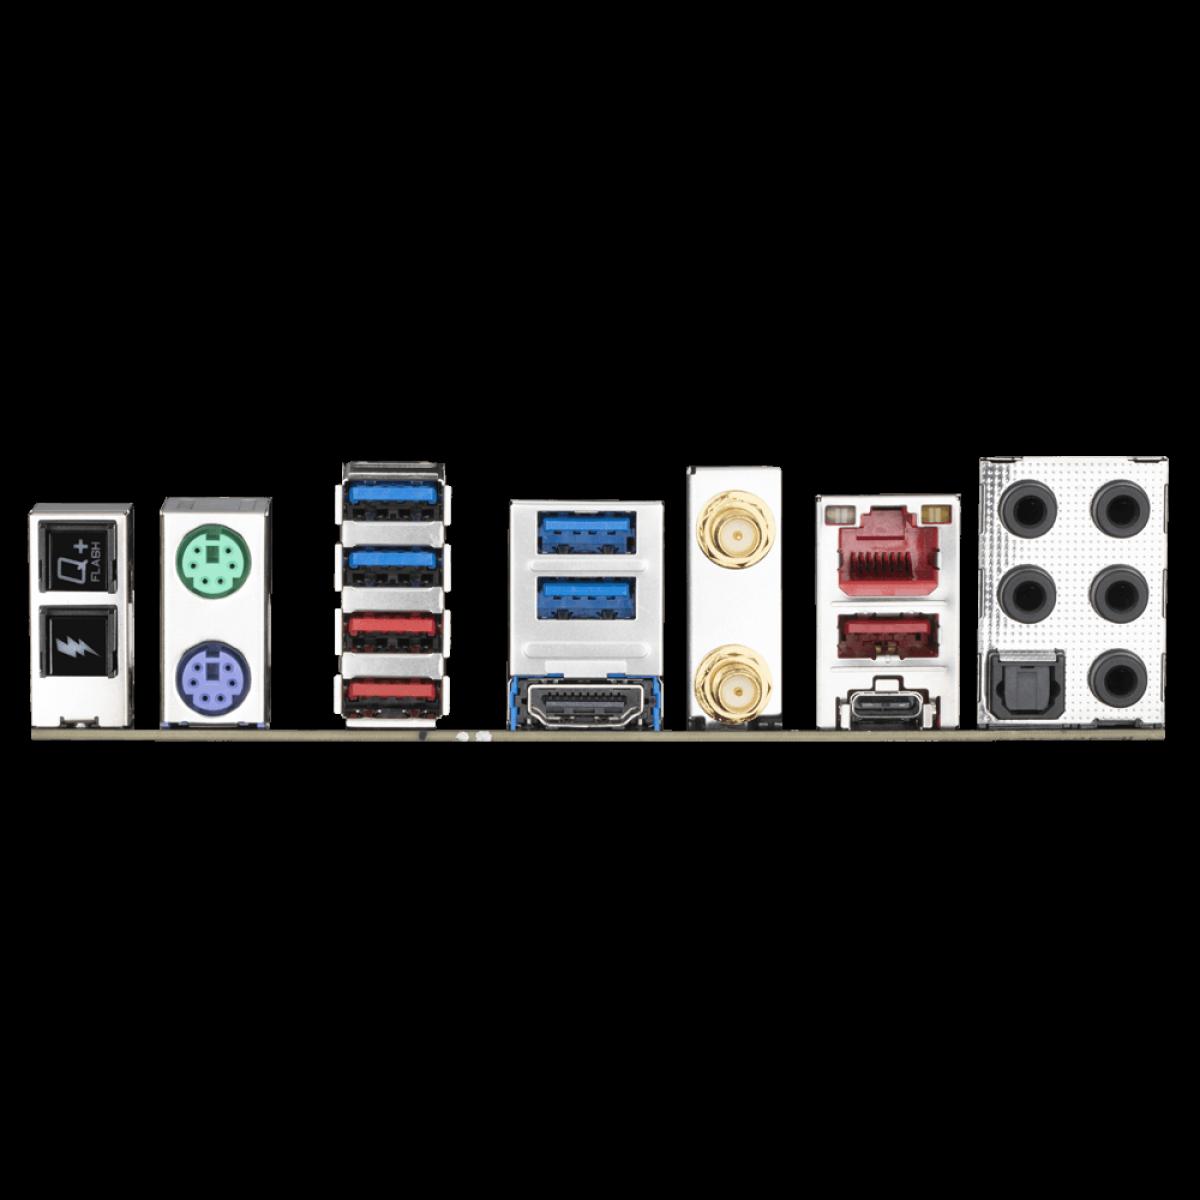 Placa Mãe Gigabyte Z590 Aorus Tachyon WI-FI, Chipset Z590, Intel LGA 1200, E-ATX, DDR4